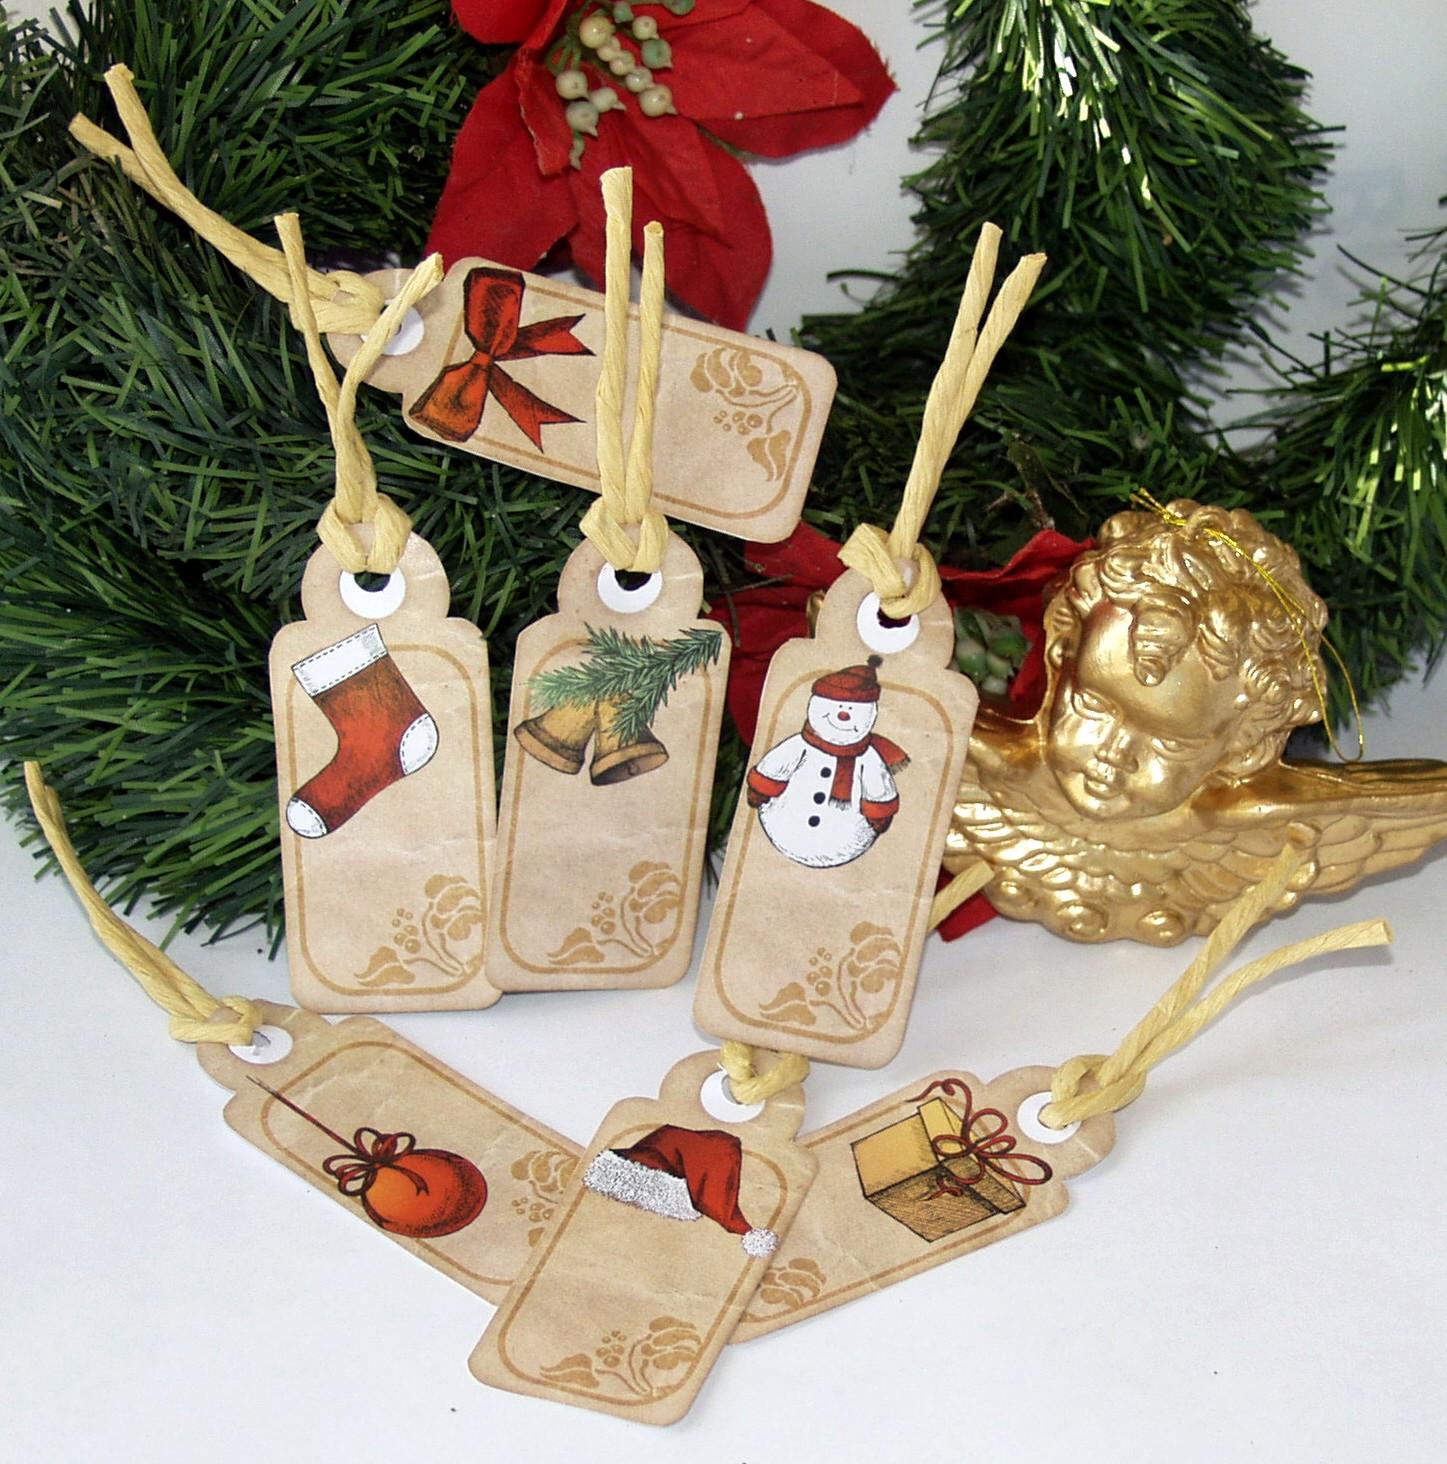 A navidad navidad - Regalos navidenos hechos a mano ...